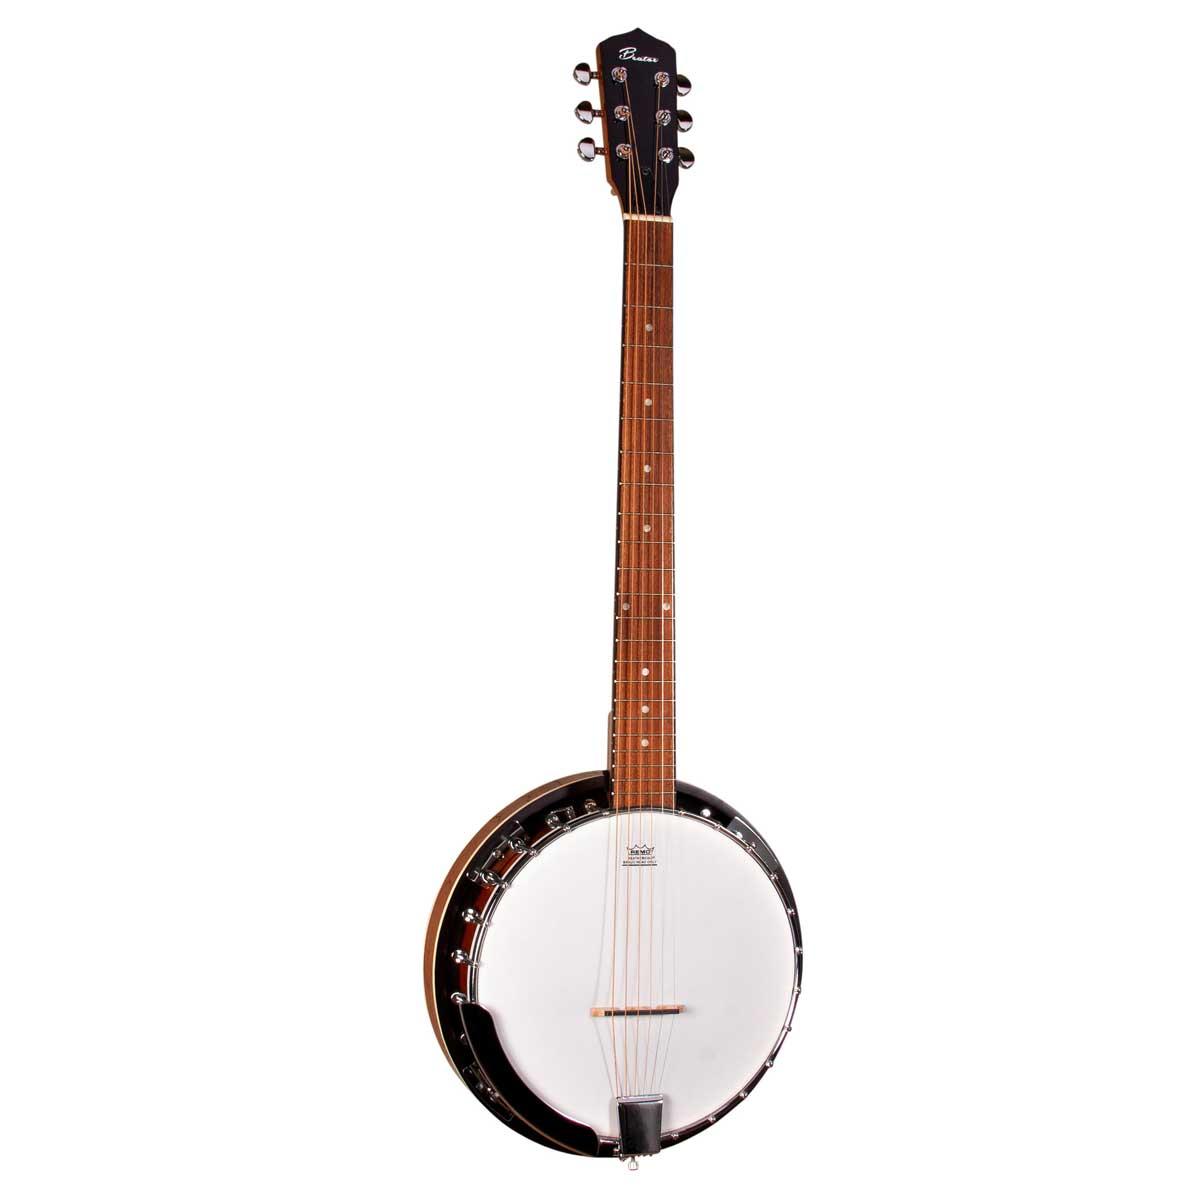 Billede af Beaton Baltimore 06 banjo, 6-strenget